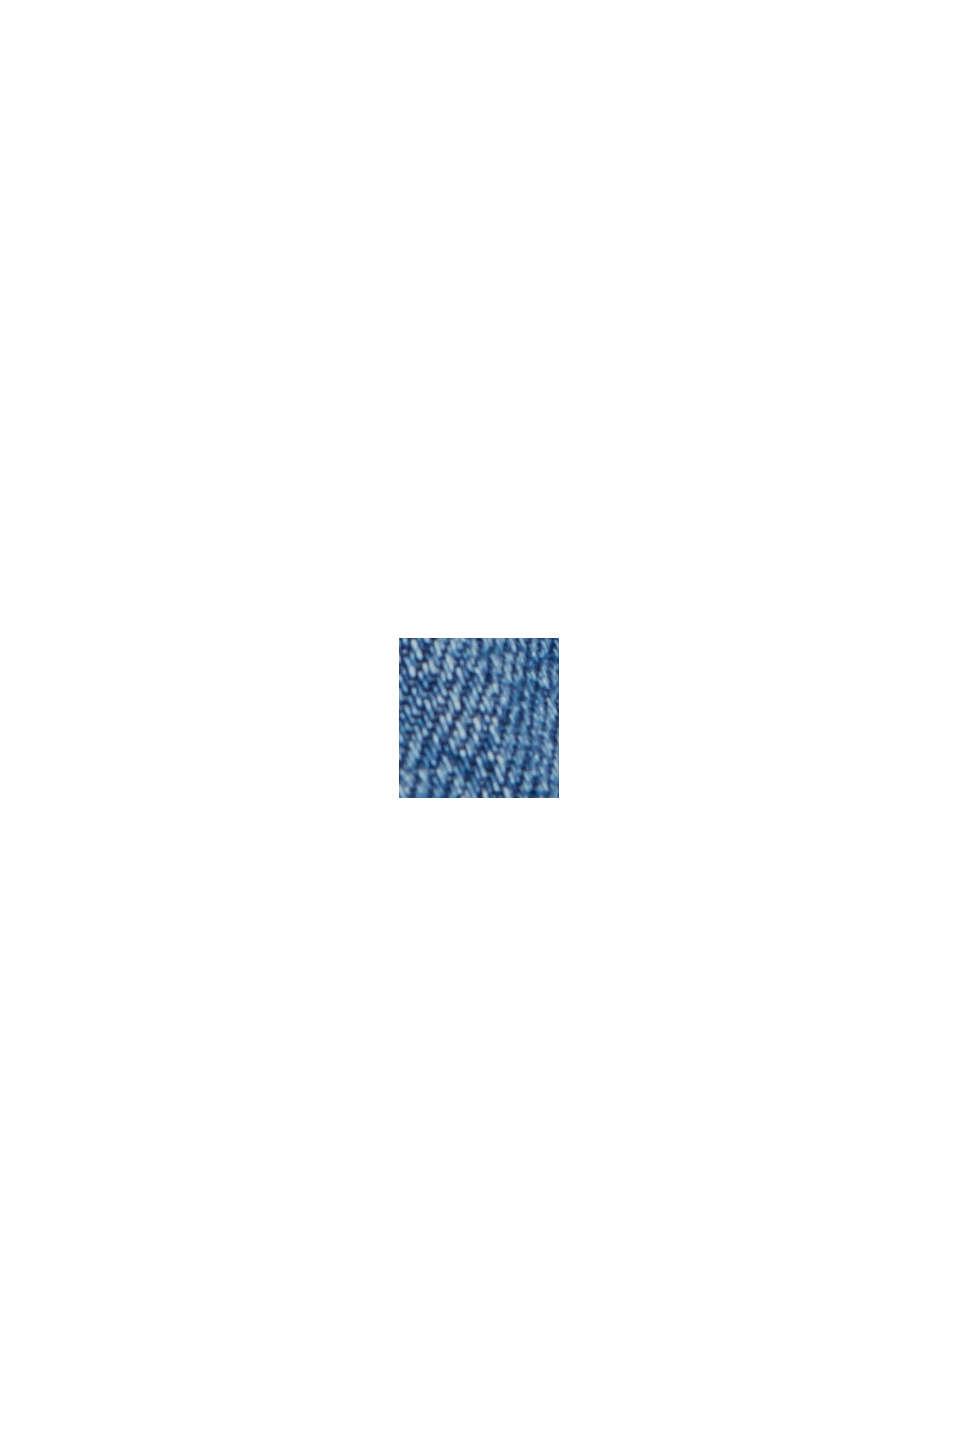 Vaqueros de cintura alta y largo 7/8, 100% algodón, BLUE MEDIUM WASHED, swatch